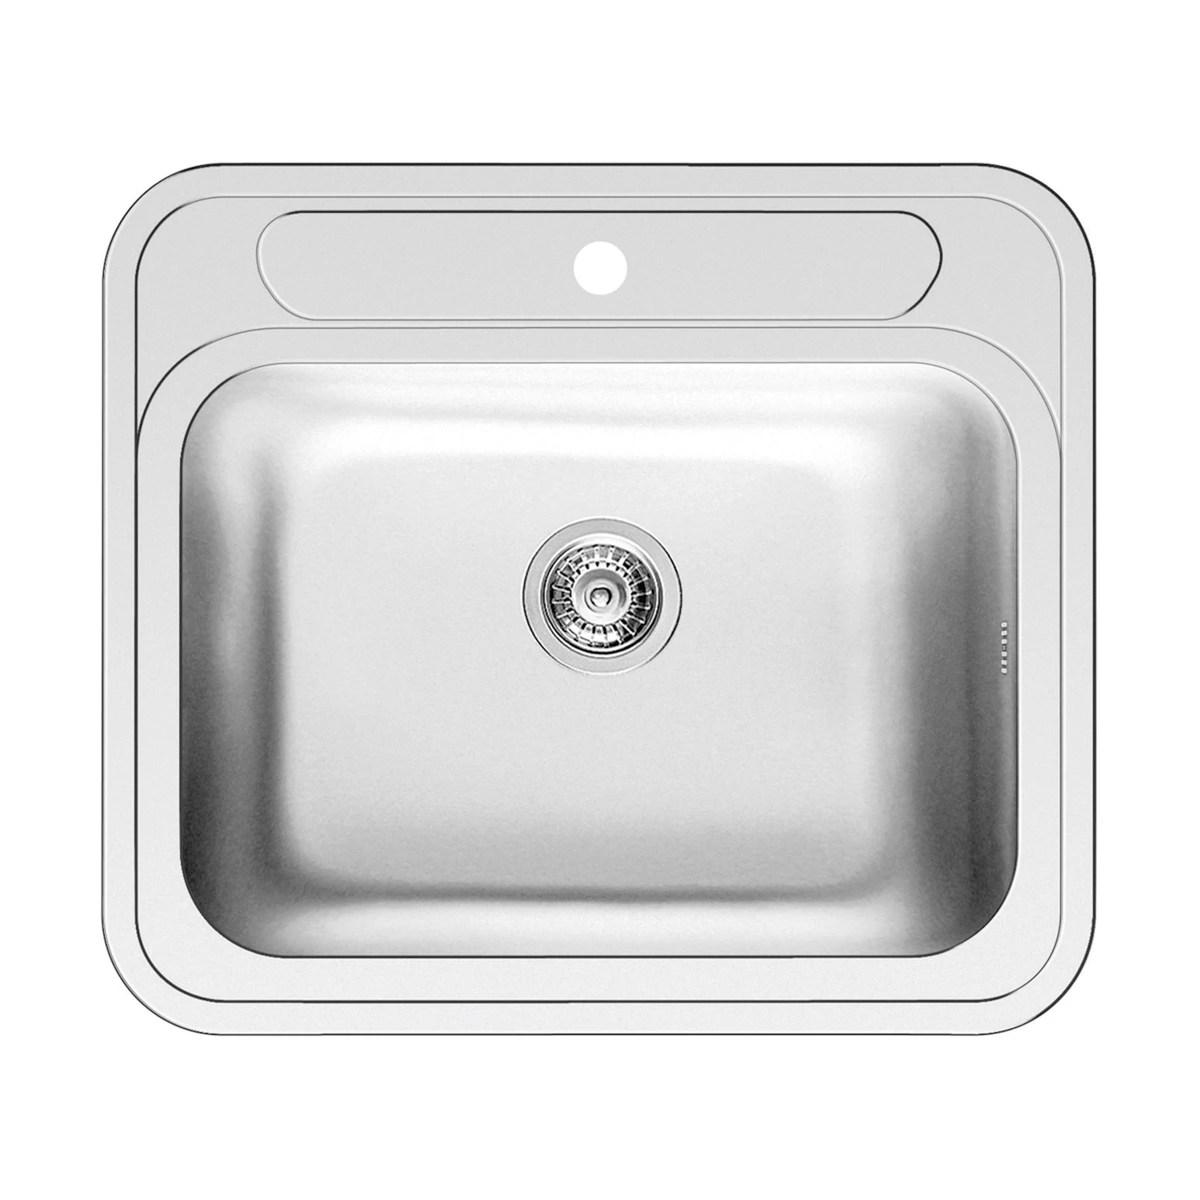 Lavello incasso Kubo L 58 x P 51 cm 1 vasca prezzi e offerte online